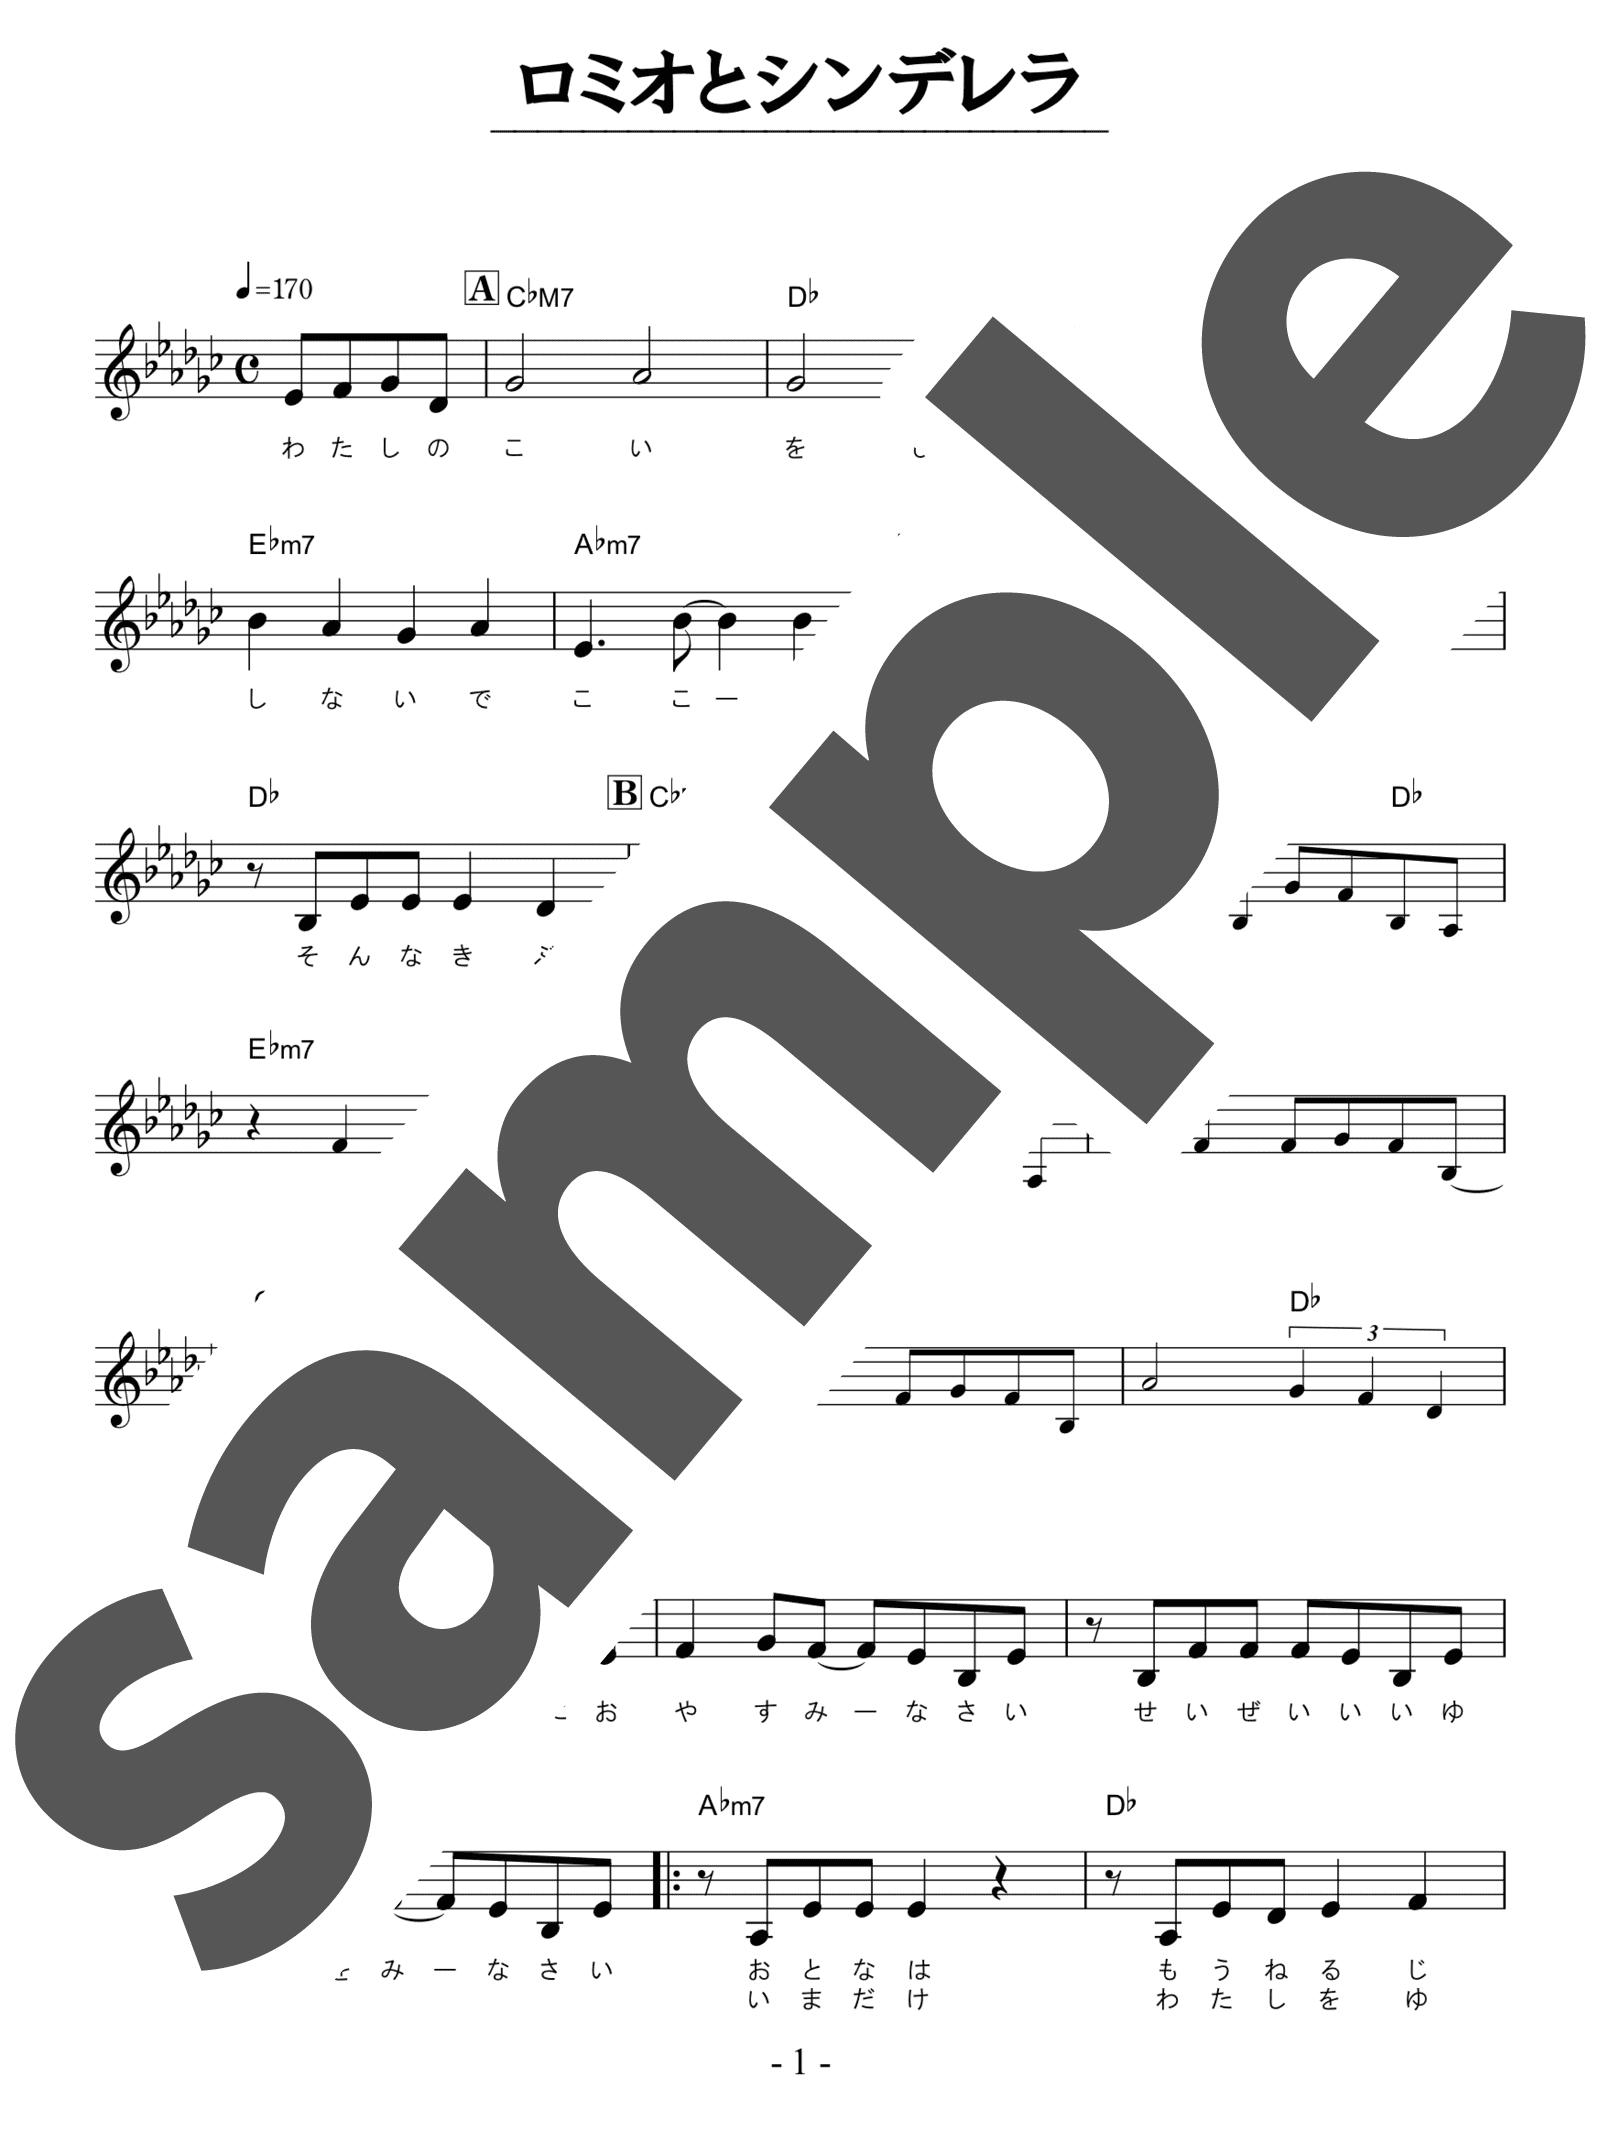 「ロミオとシンデレラ」のサンプル楽譜